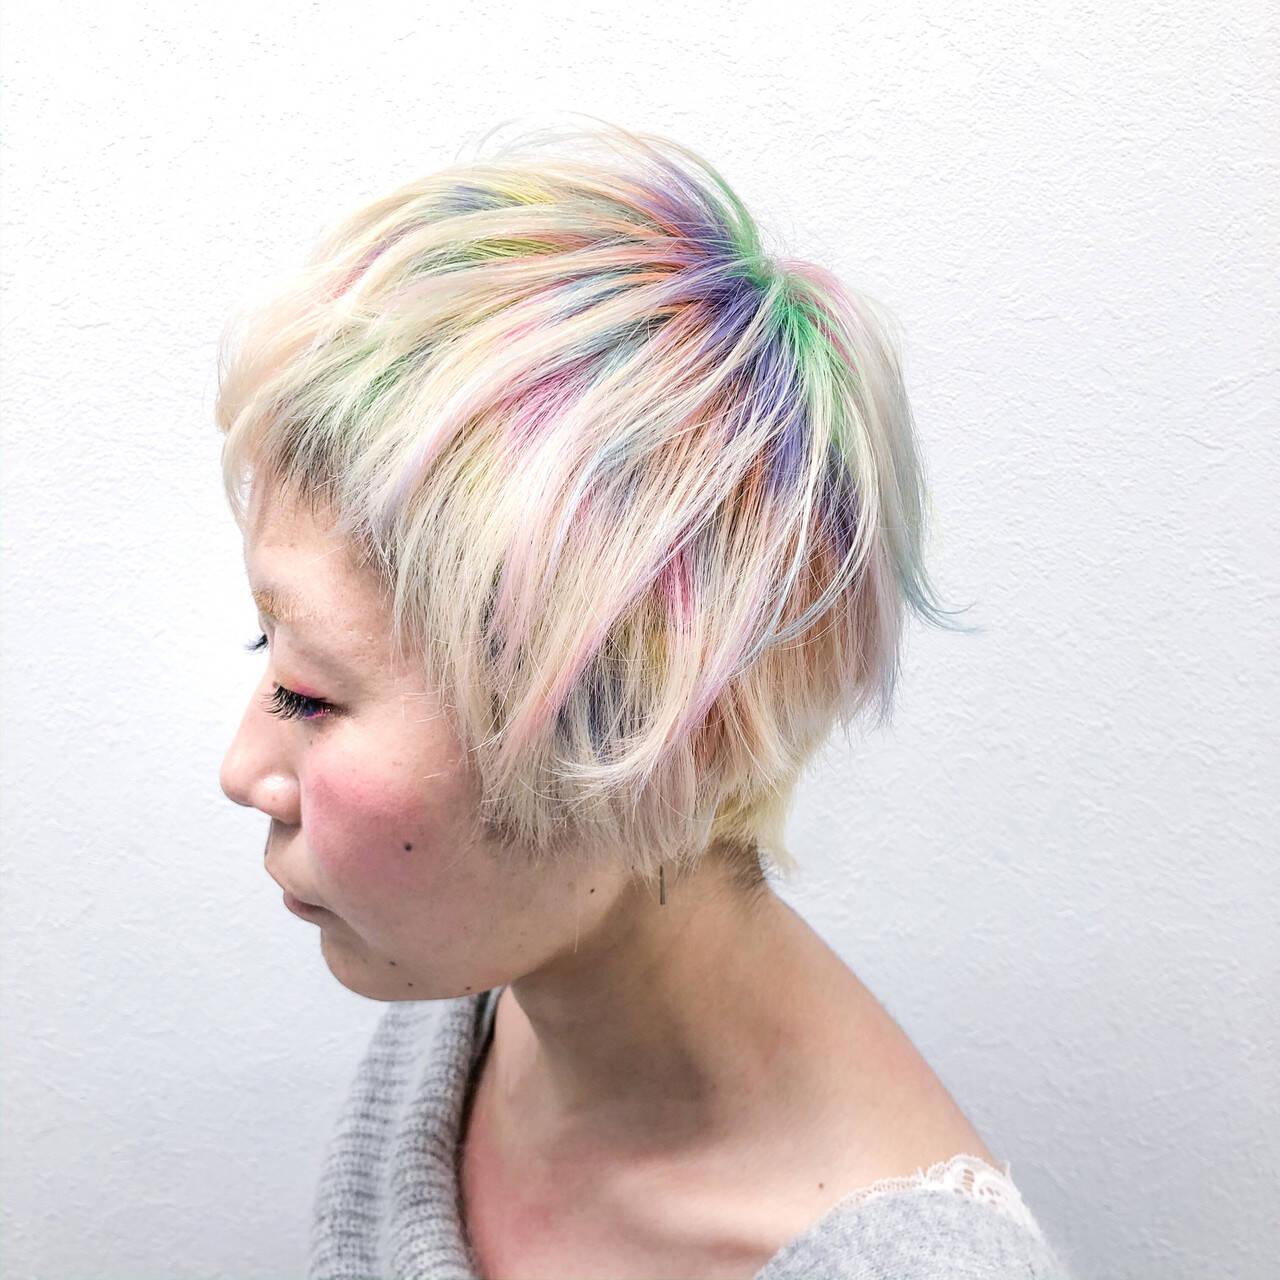 ブリーチ ホワイトブリーチ ショート モードヘアスタイルや髪型の写真・画像